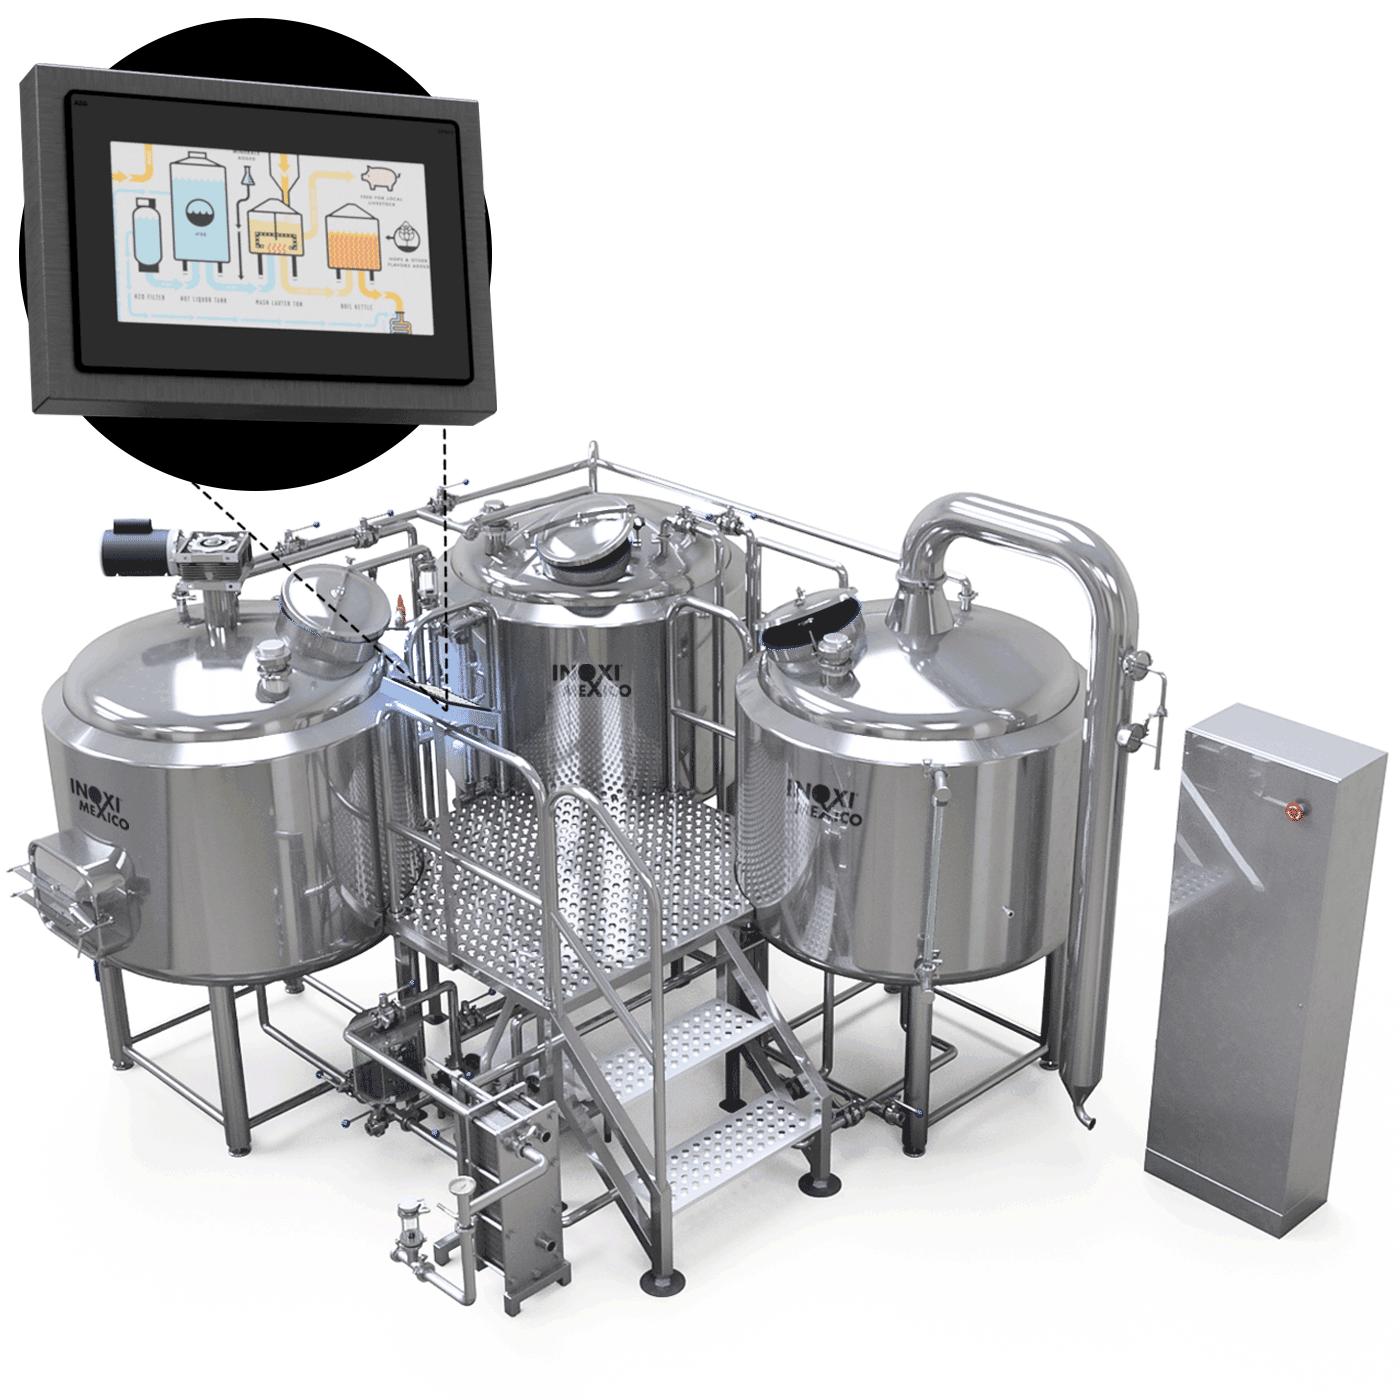 BrewersPro Calentamiento a Vapor 810 Litros Nominales (500L / 4.2BBL Útil)